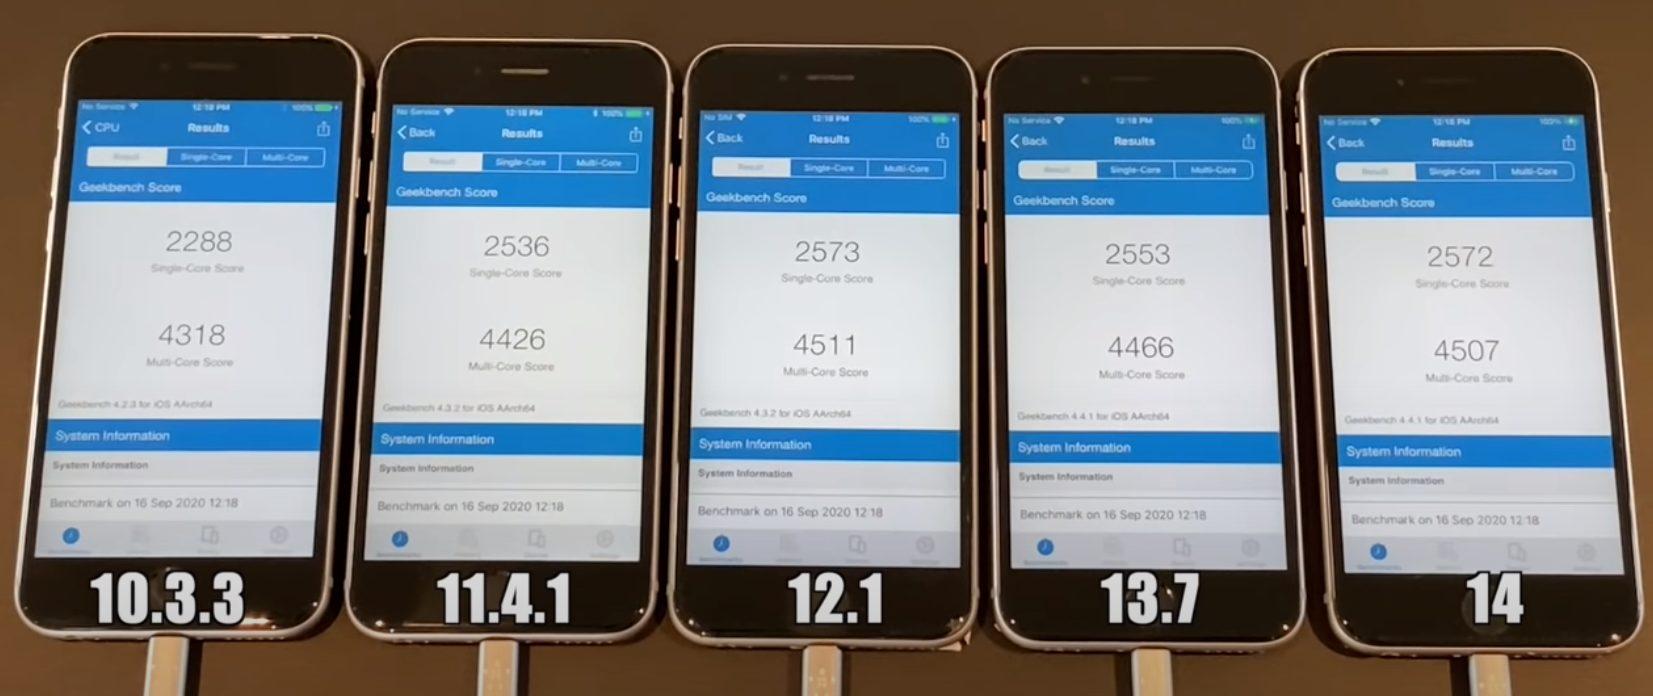 Производительность iOS 14 сравнили с iOS прошлых версий: разницы практически нет